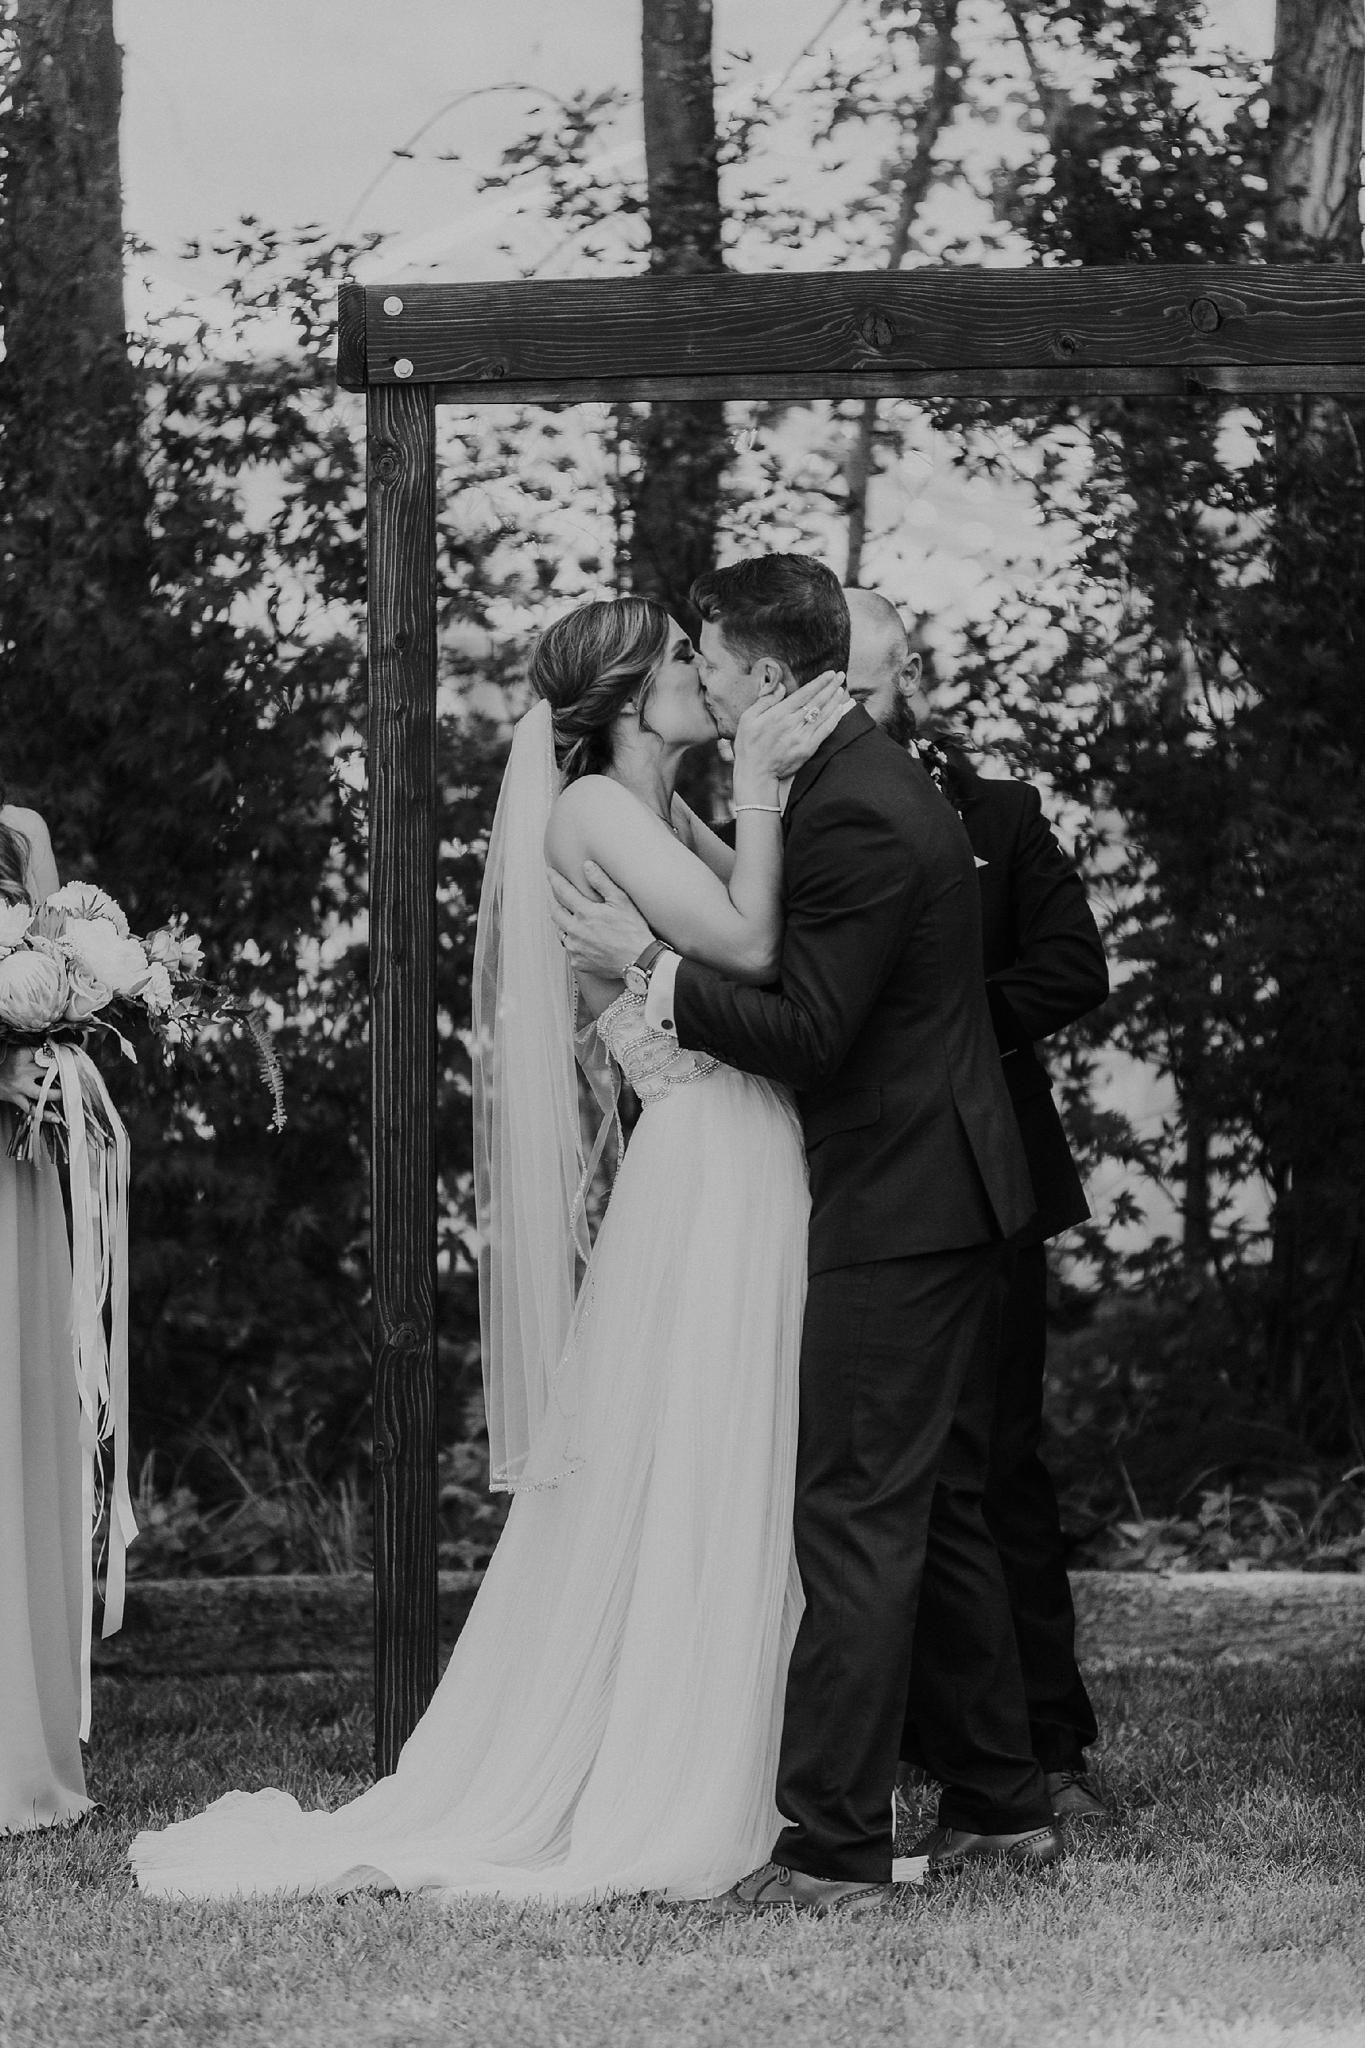 Alicia+lucia+photography+-+albuquerque+wedding+photographer+-+santa+fe+wedding+photography+-+new+mexico+wedding+photographer+-+new+mexico+wedding+-+wedding+vows+-+writing+your+own+vows+-+wedding+inspo_0049.jpg